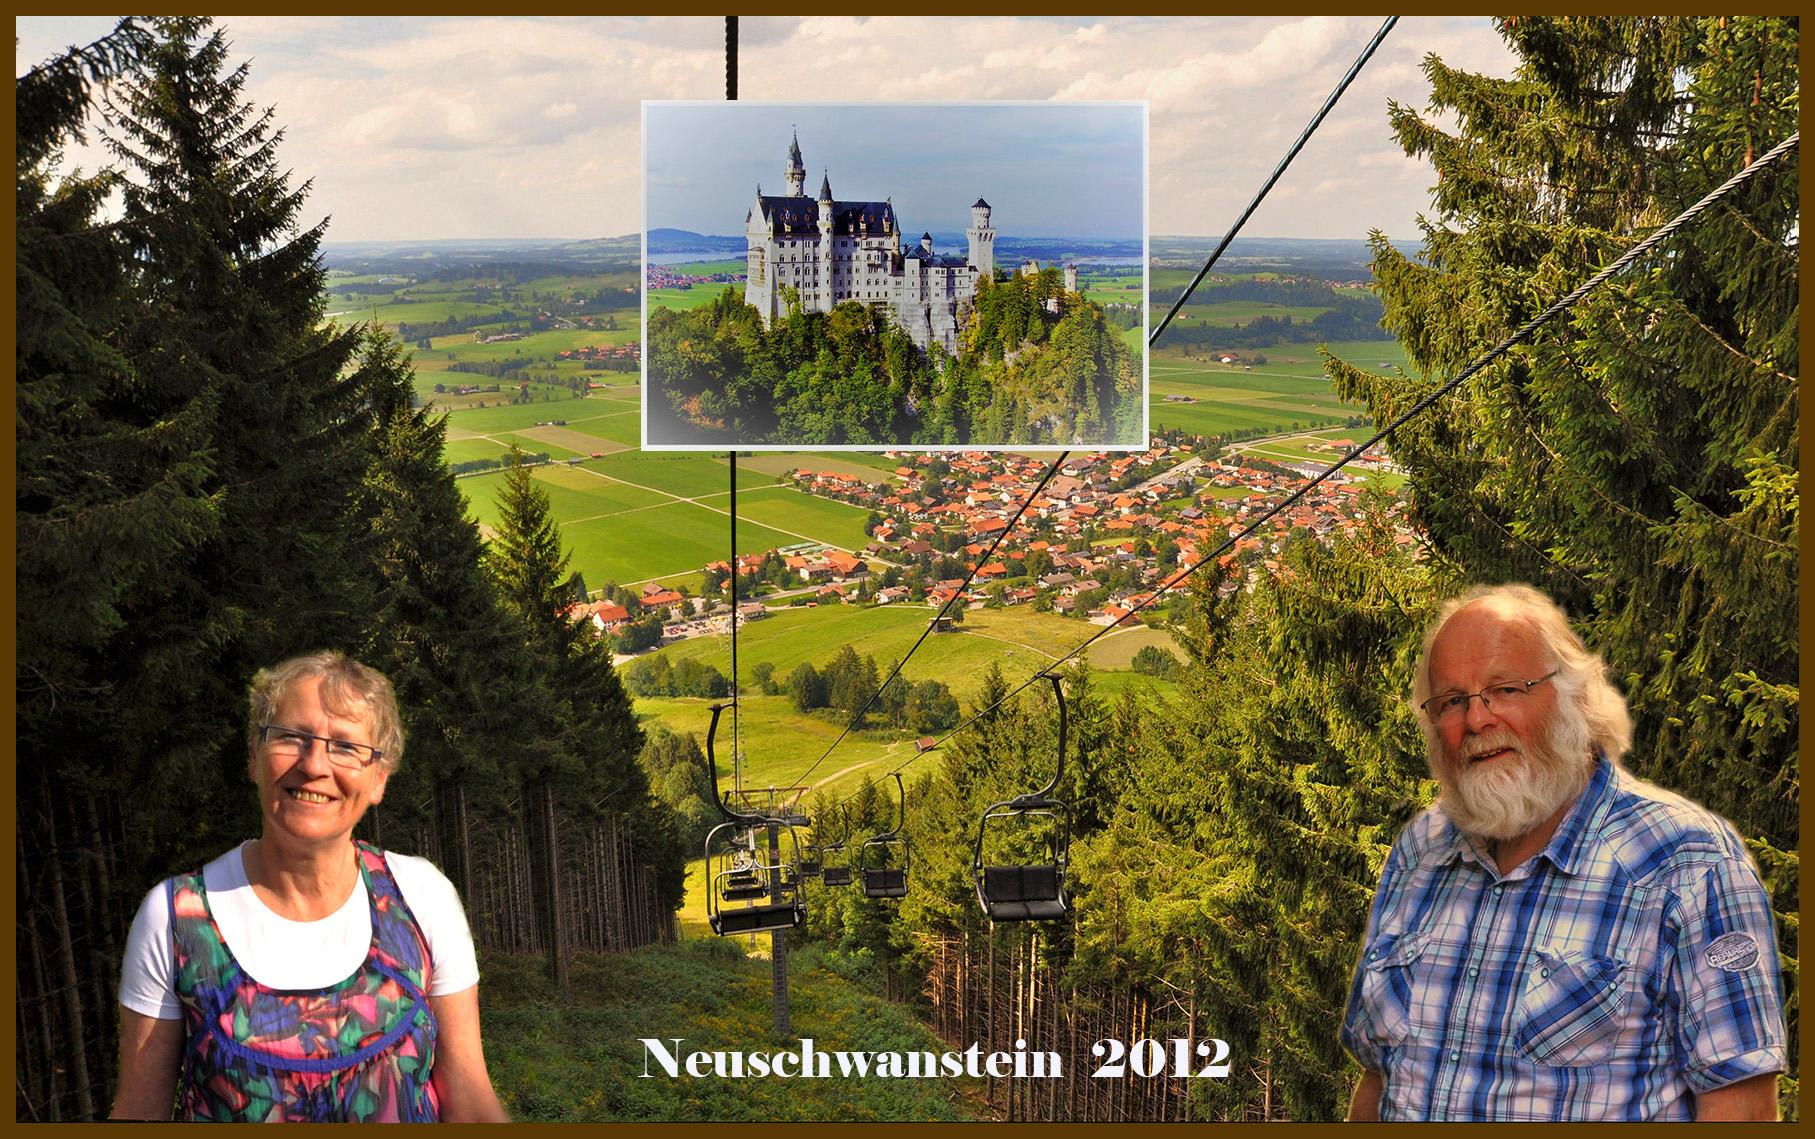 Fransien en ik brachten in augustus 2012 een bezoek aan het Slot Neuschwanstein - Eigen foto: ©Fransien & Louis Fraanje